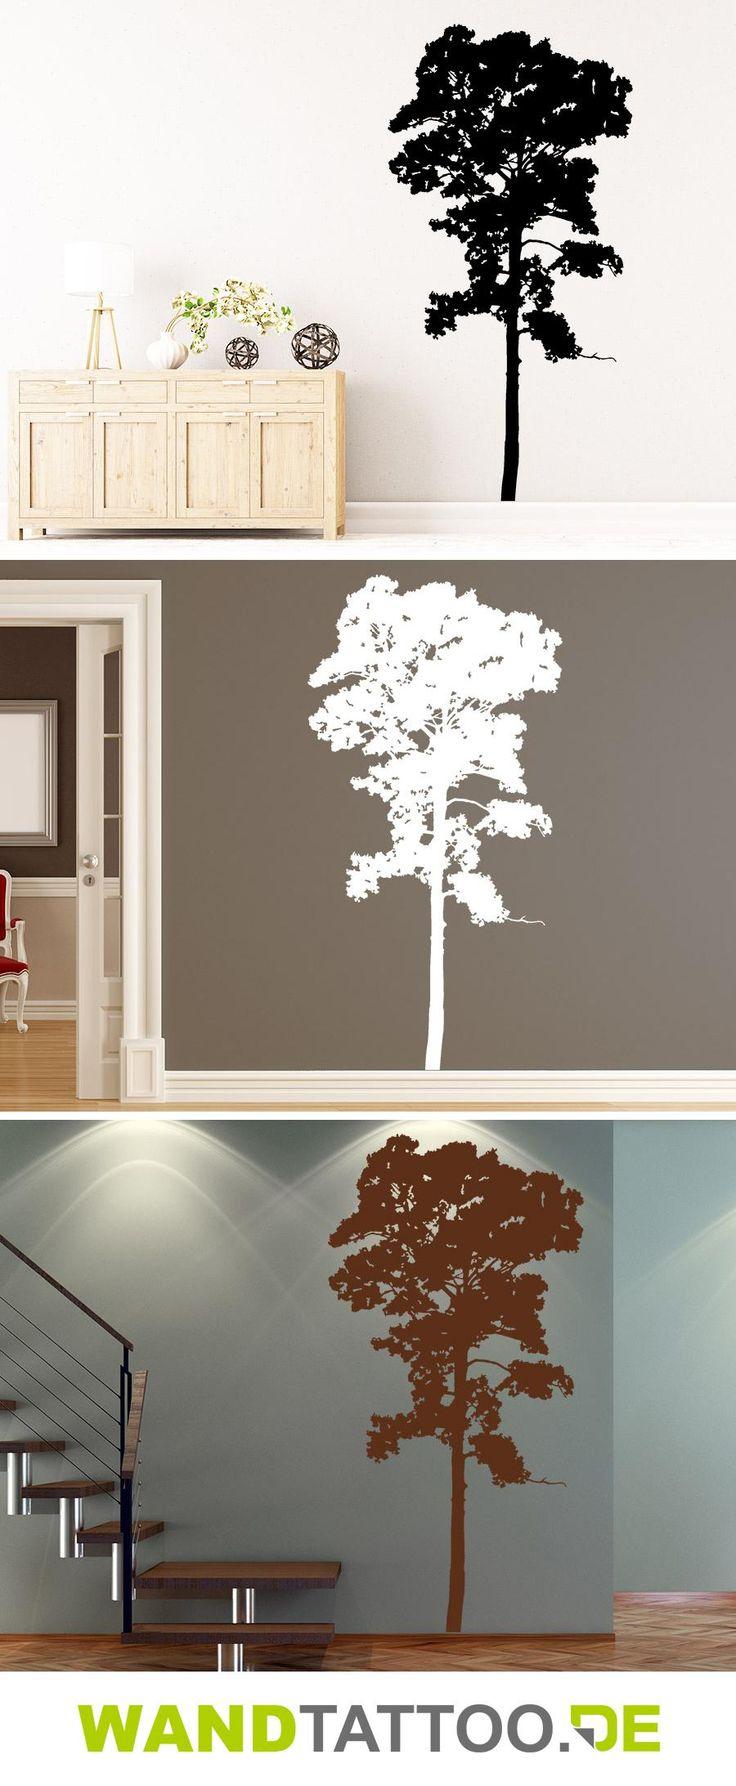 Wandtattoo Baum Umriss hier entdecken. Spitzenqualität aus Deutschland | schnelle Lieferung | portofrei (D) bei WANDTATTOO.DE bestellen!